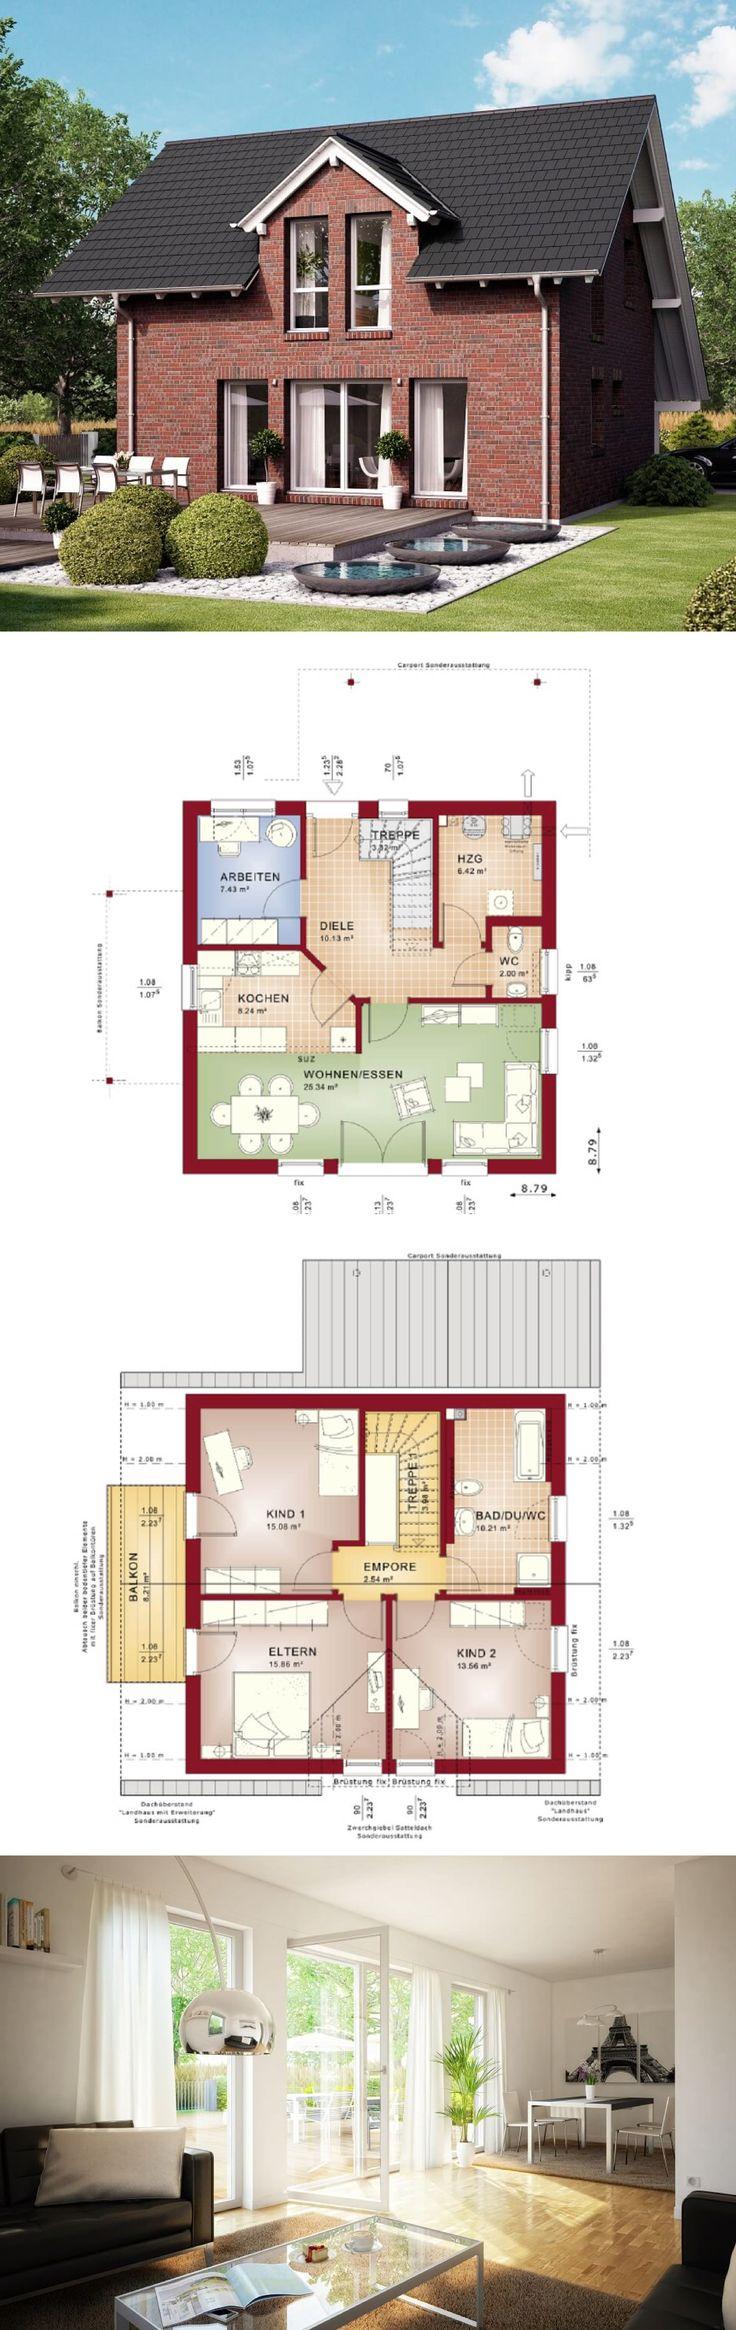 Haus bauen modern klinker  Die 25+ besten Häuser klinker Ideen auf Pinterest | modernes ...